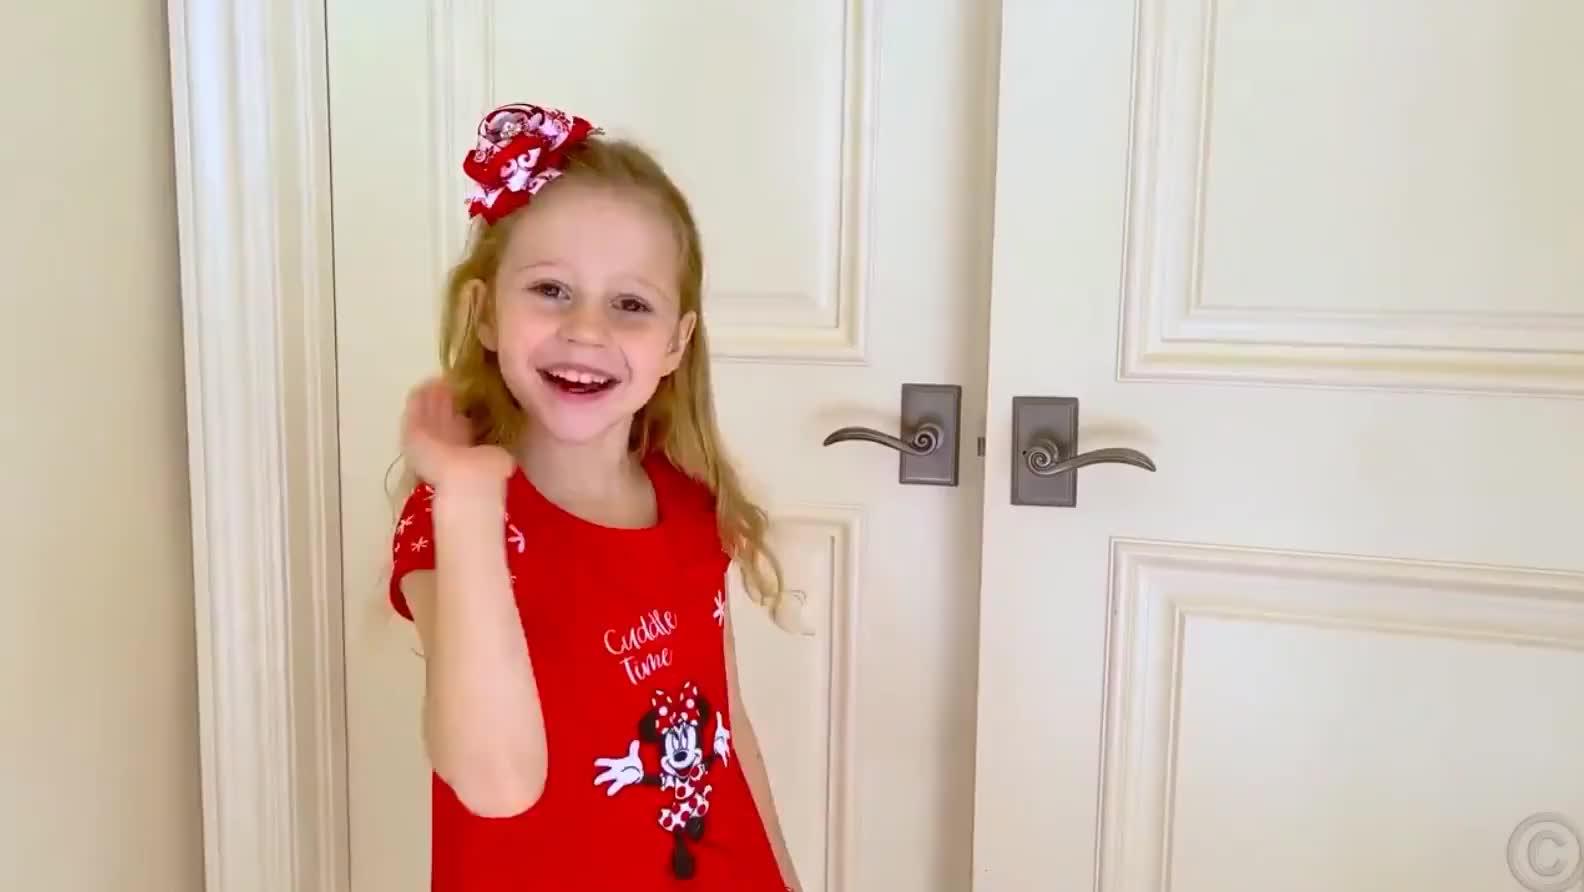 萌娃玩具乐园:小萝莉挑战,模仿爸爸